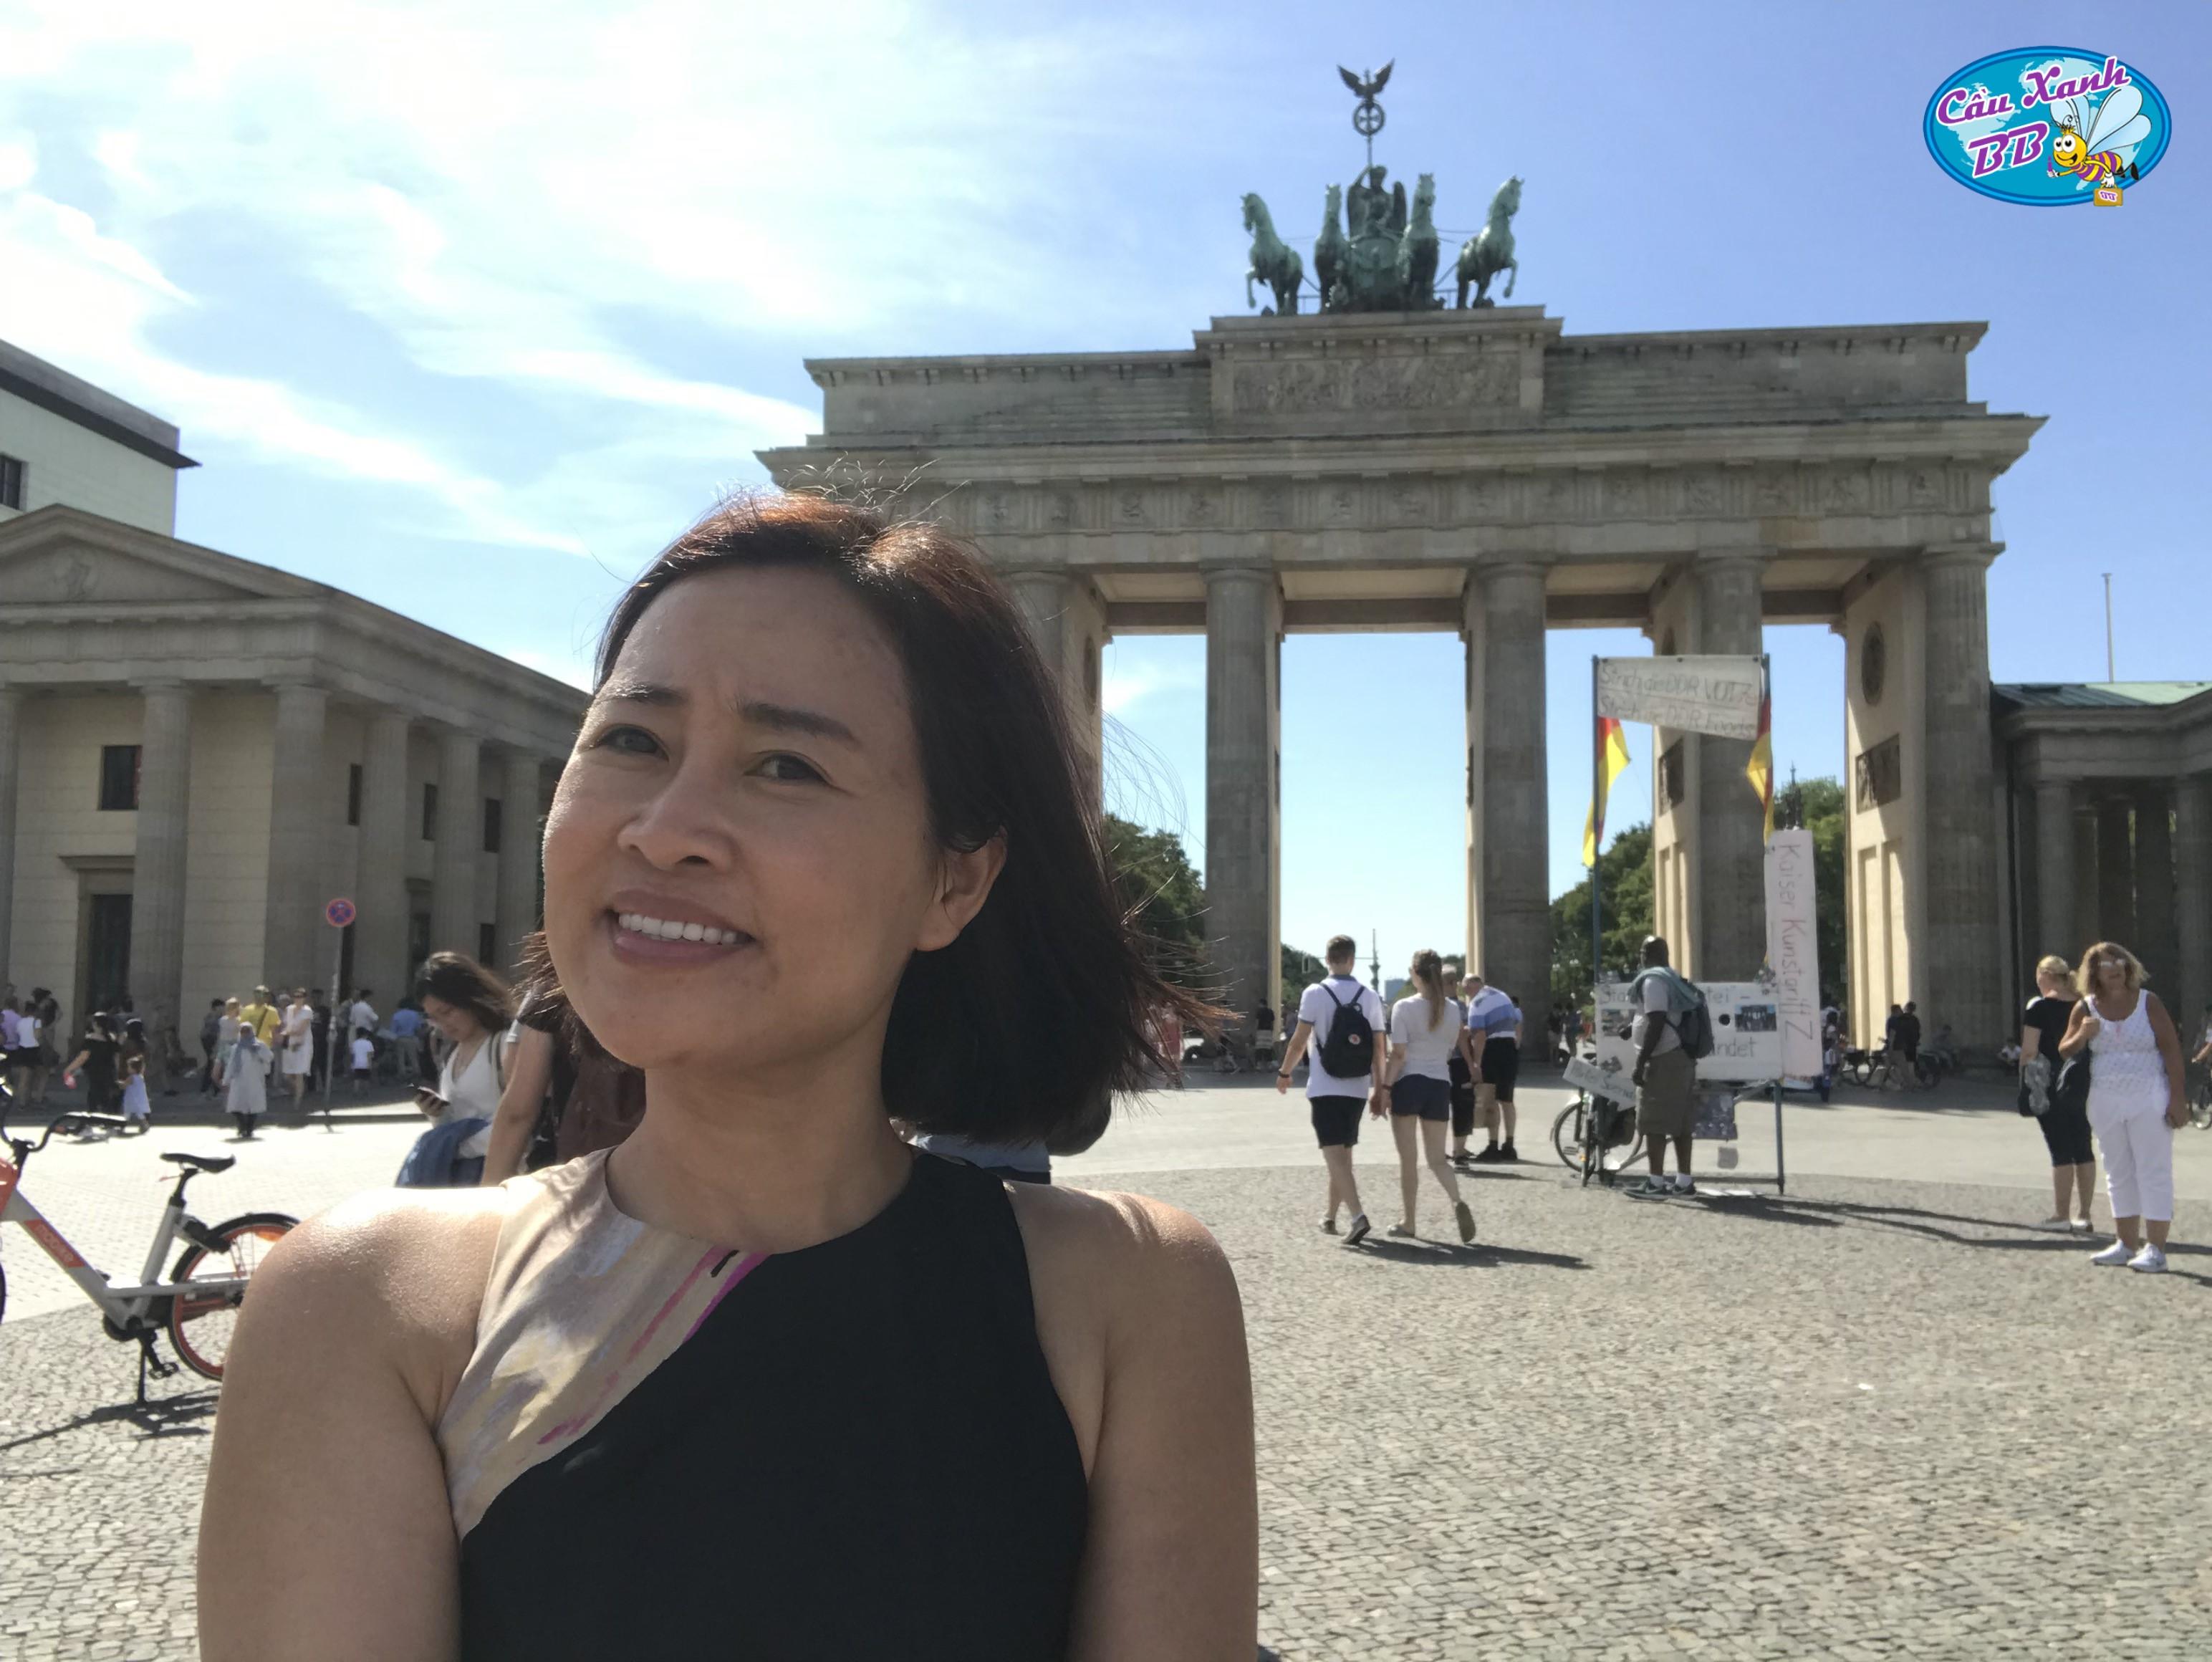 Tại sao học sinh nên đi du học Đức chương trình nội trú quốc tế?